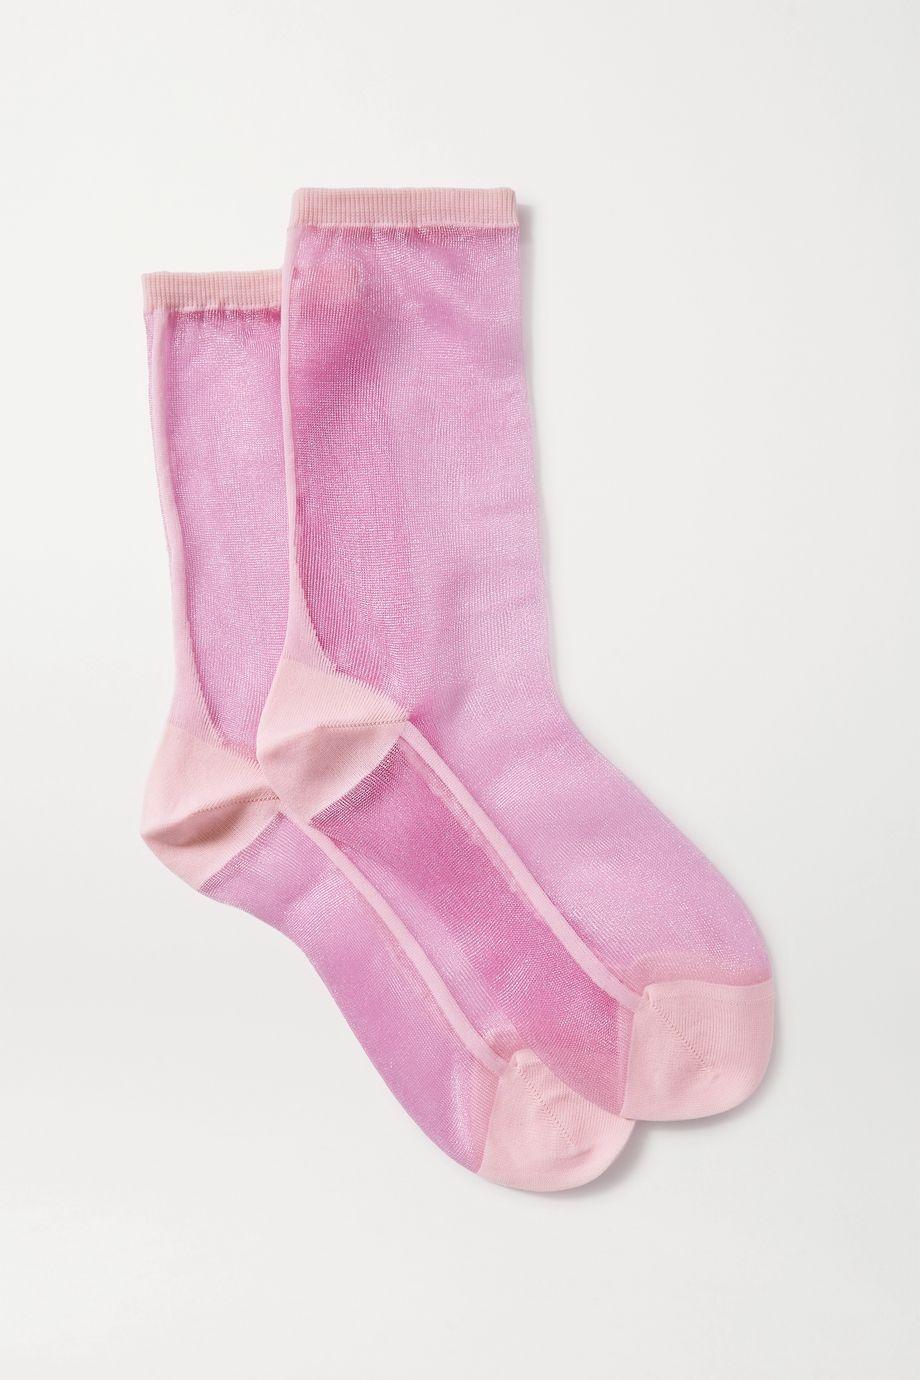 Maria La Rosa Golf two-tone tulle socks